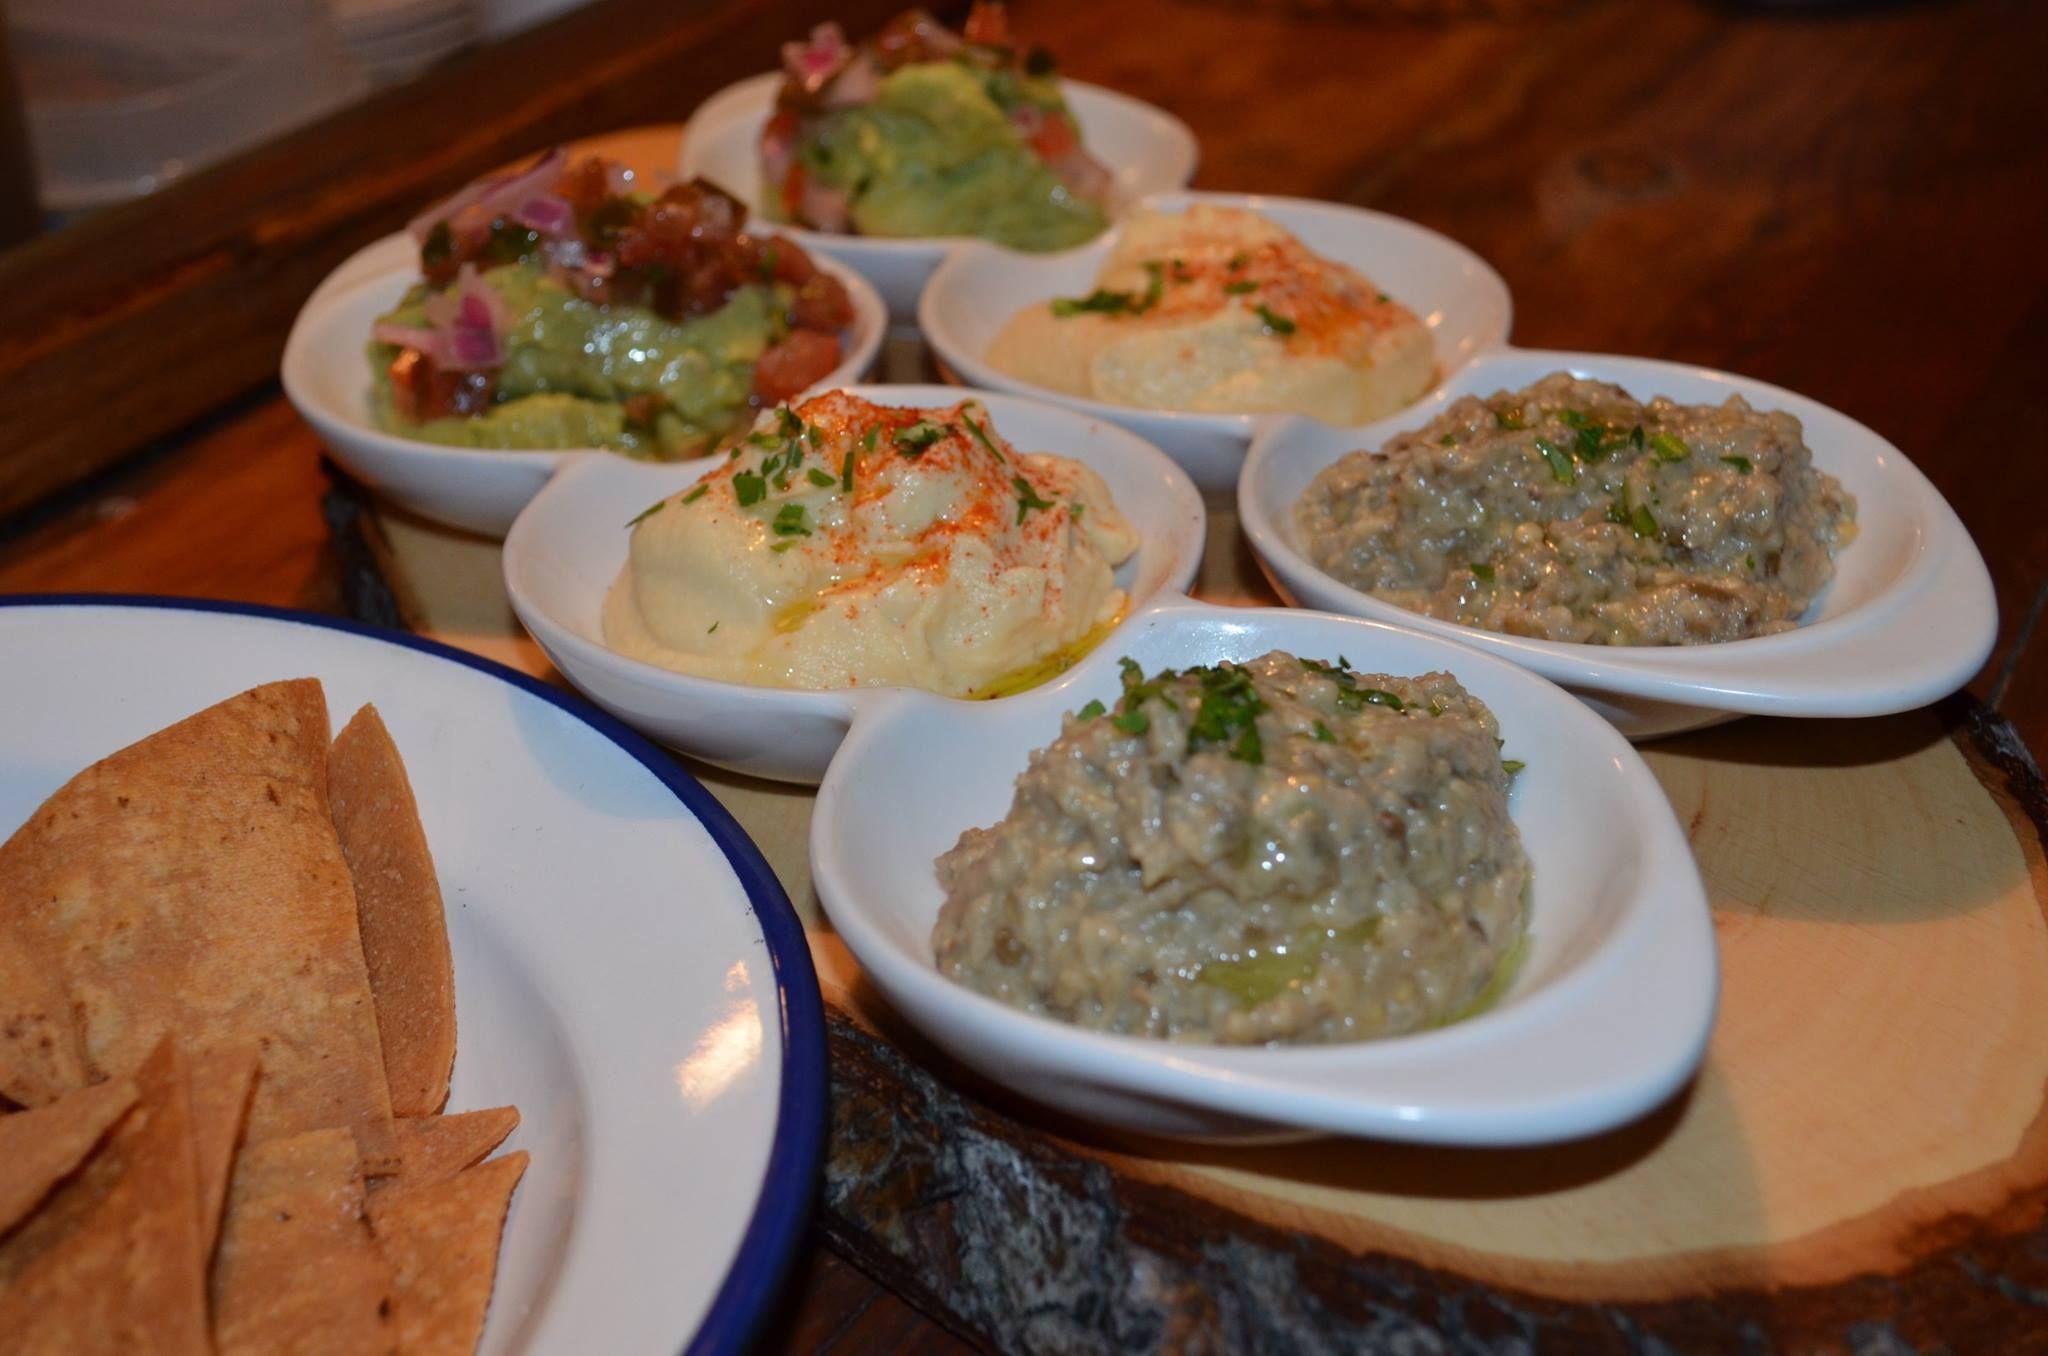 Especialidad carne y comida de mercado: Carta-Reservas-Eventos de Restaurante Parrilla con huerto propio